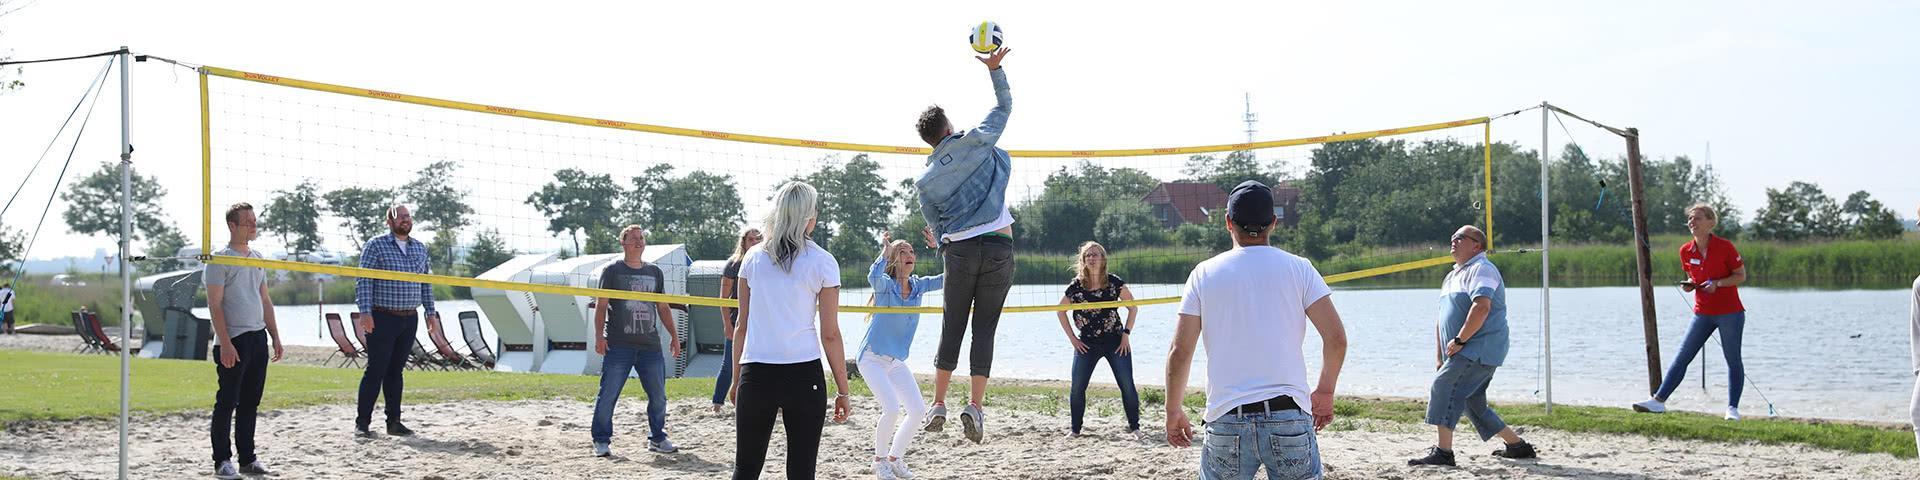 Gruppe spielt Beachvolleyball im Wangerland